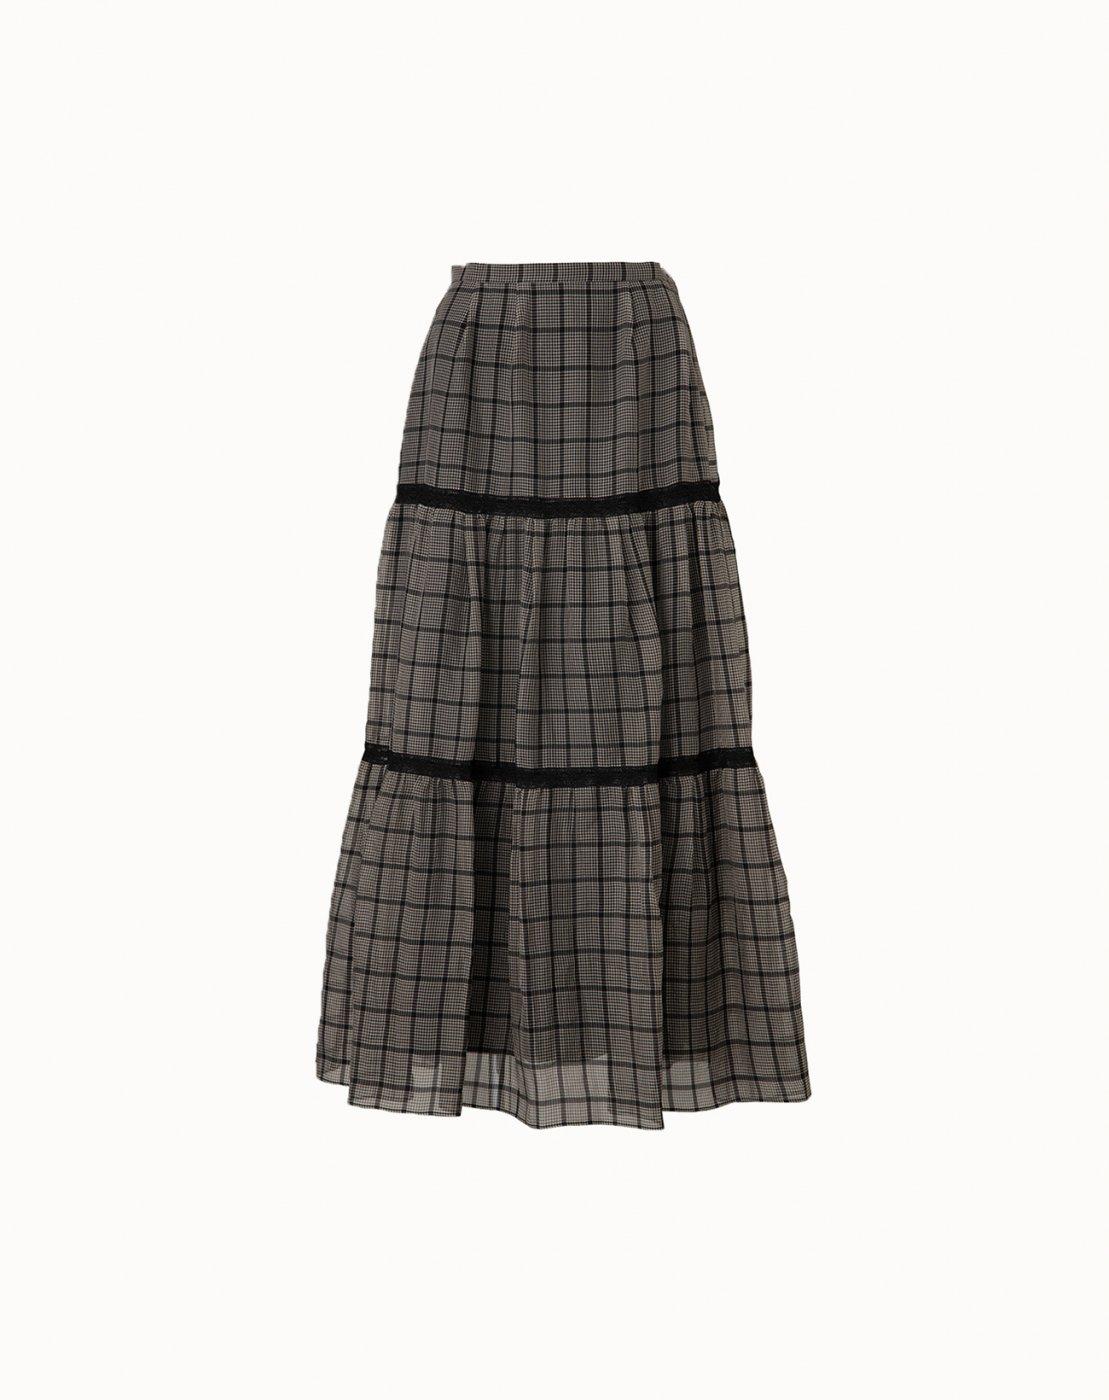 leur logette - Fleeting Check Skirt  - Black